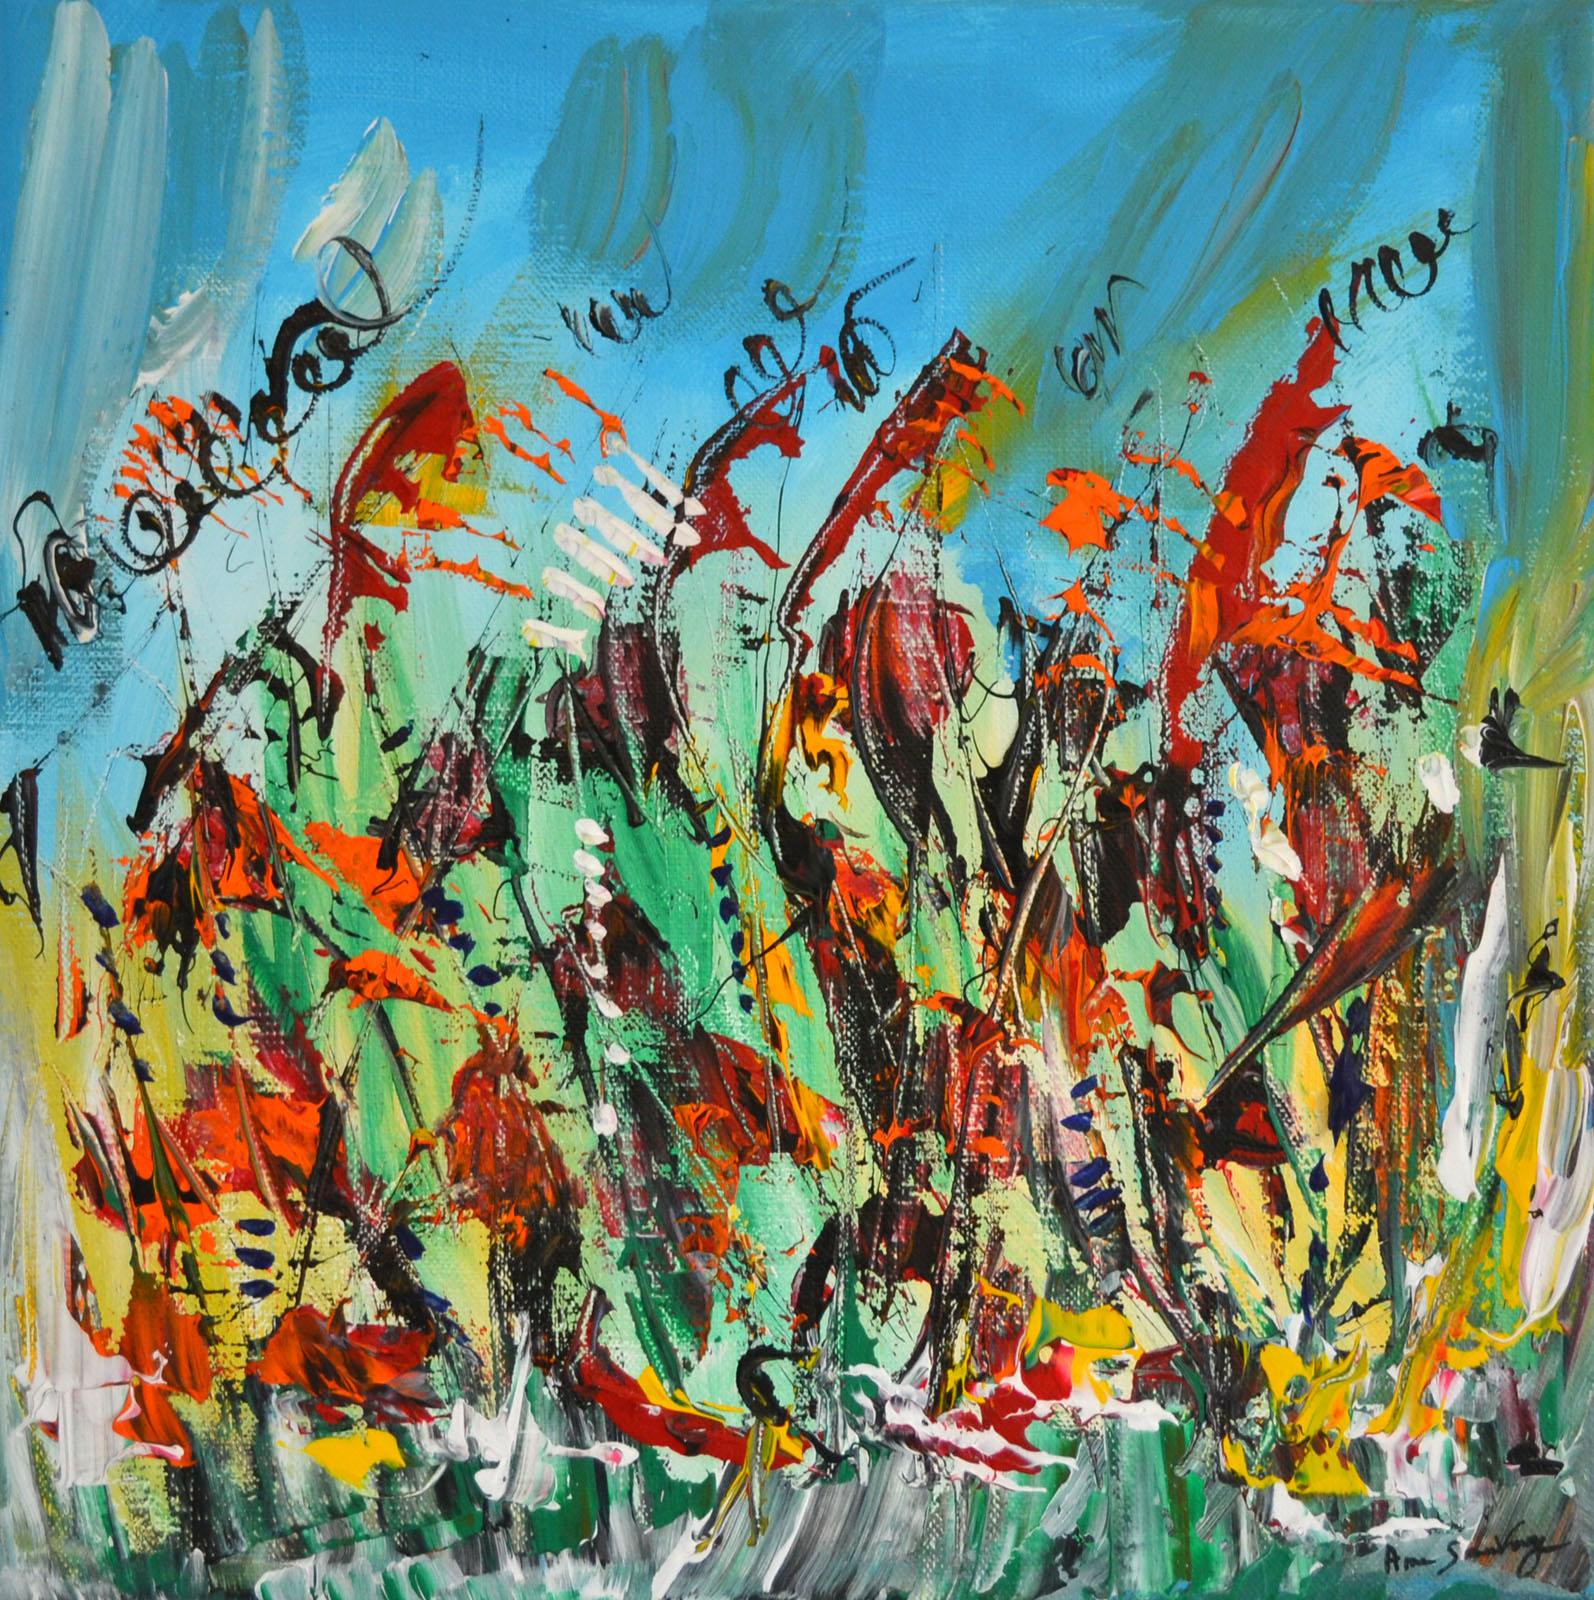 Peinture abstraite multicolore intitul e la marche lumineuse peinture moderne color e - Peinture abstraite coloree ...